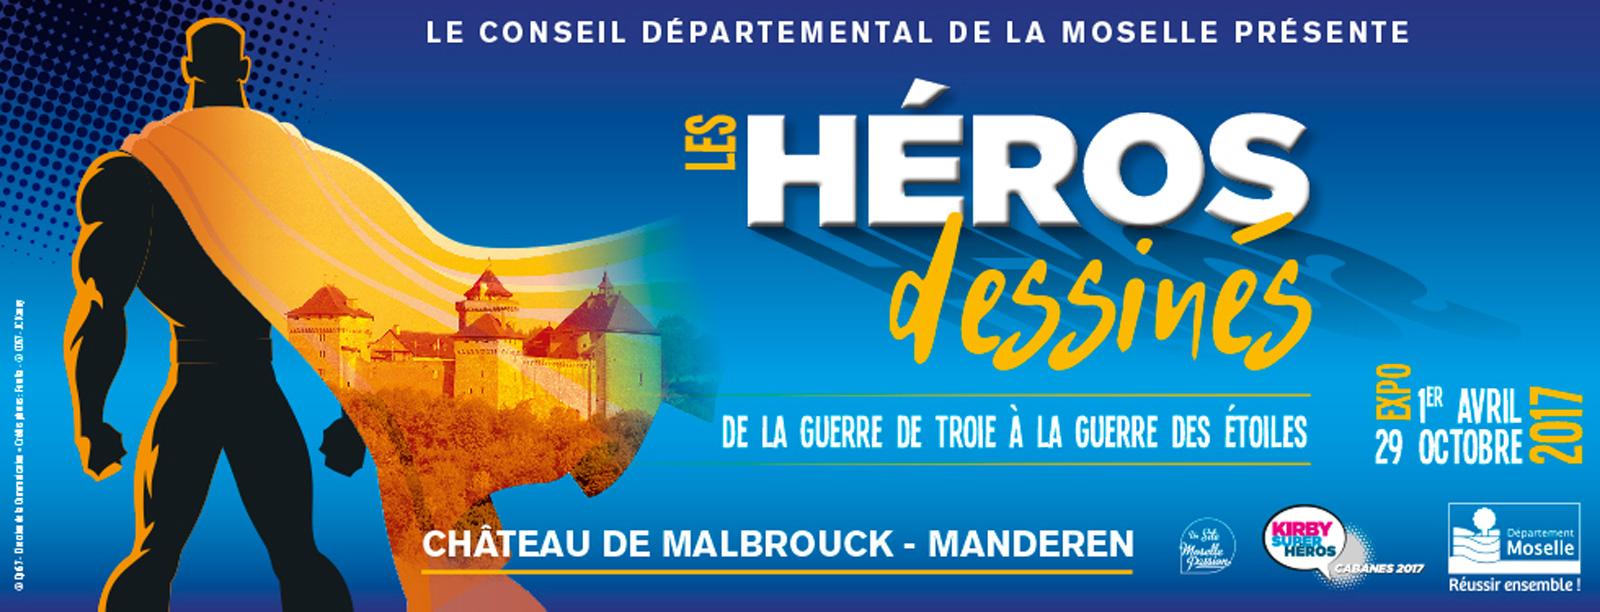 Photo of Moselle : les Héros dessinés s'exposent au Château de Malbrouck